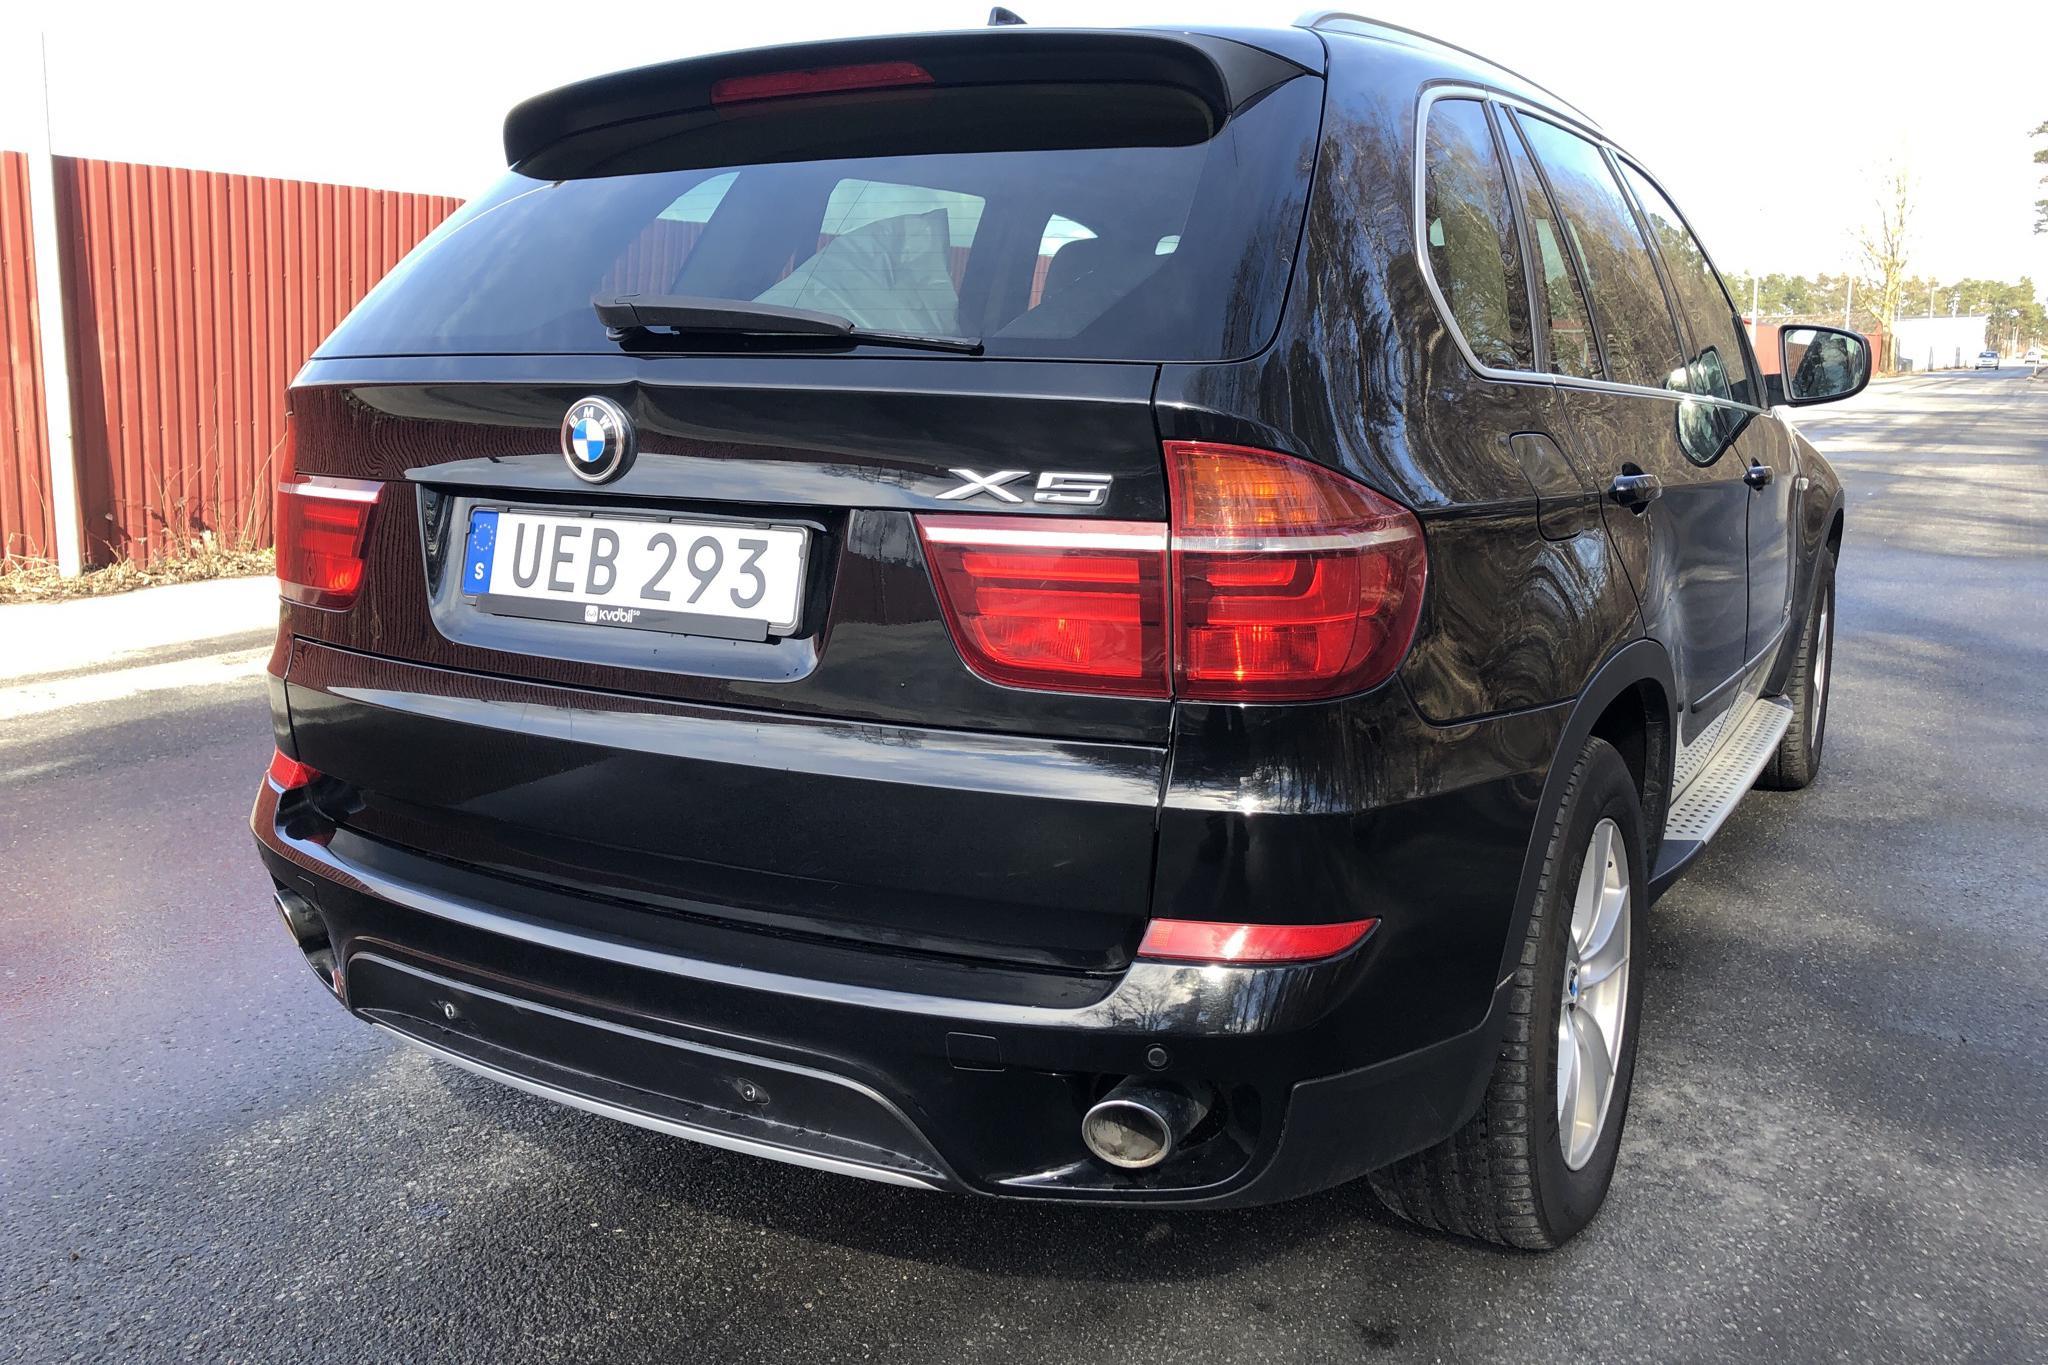 BMW X5 xDrive40d, E70 (306hk) - 256 260 km - Automatic - black - 2011